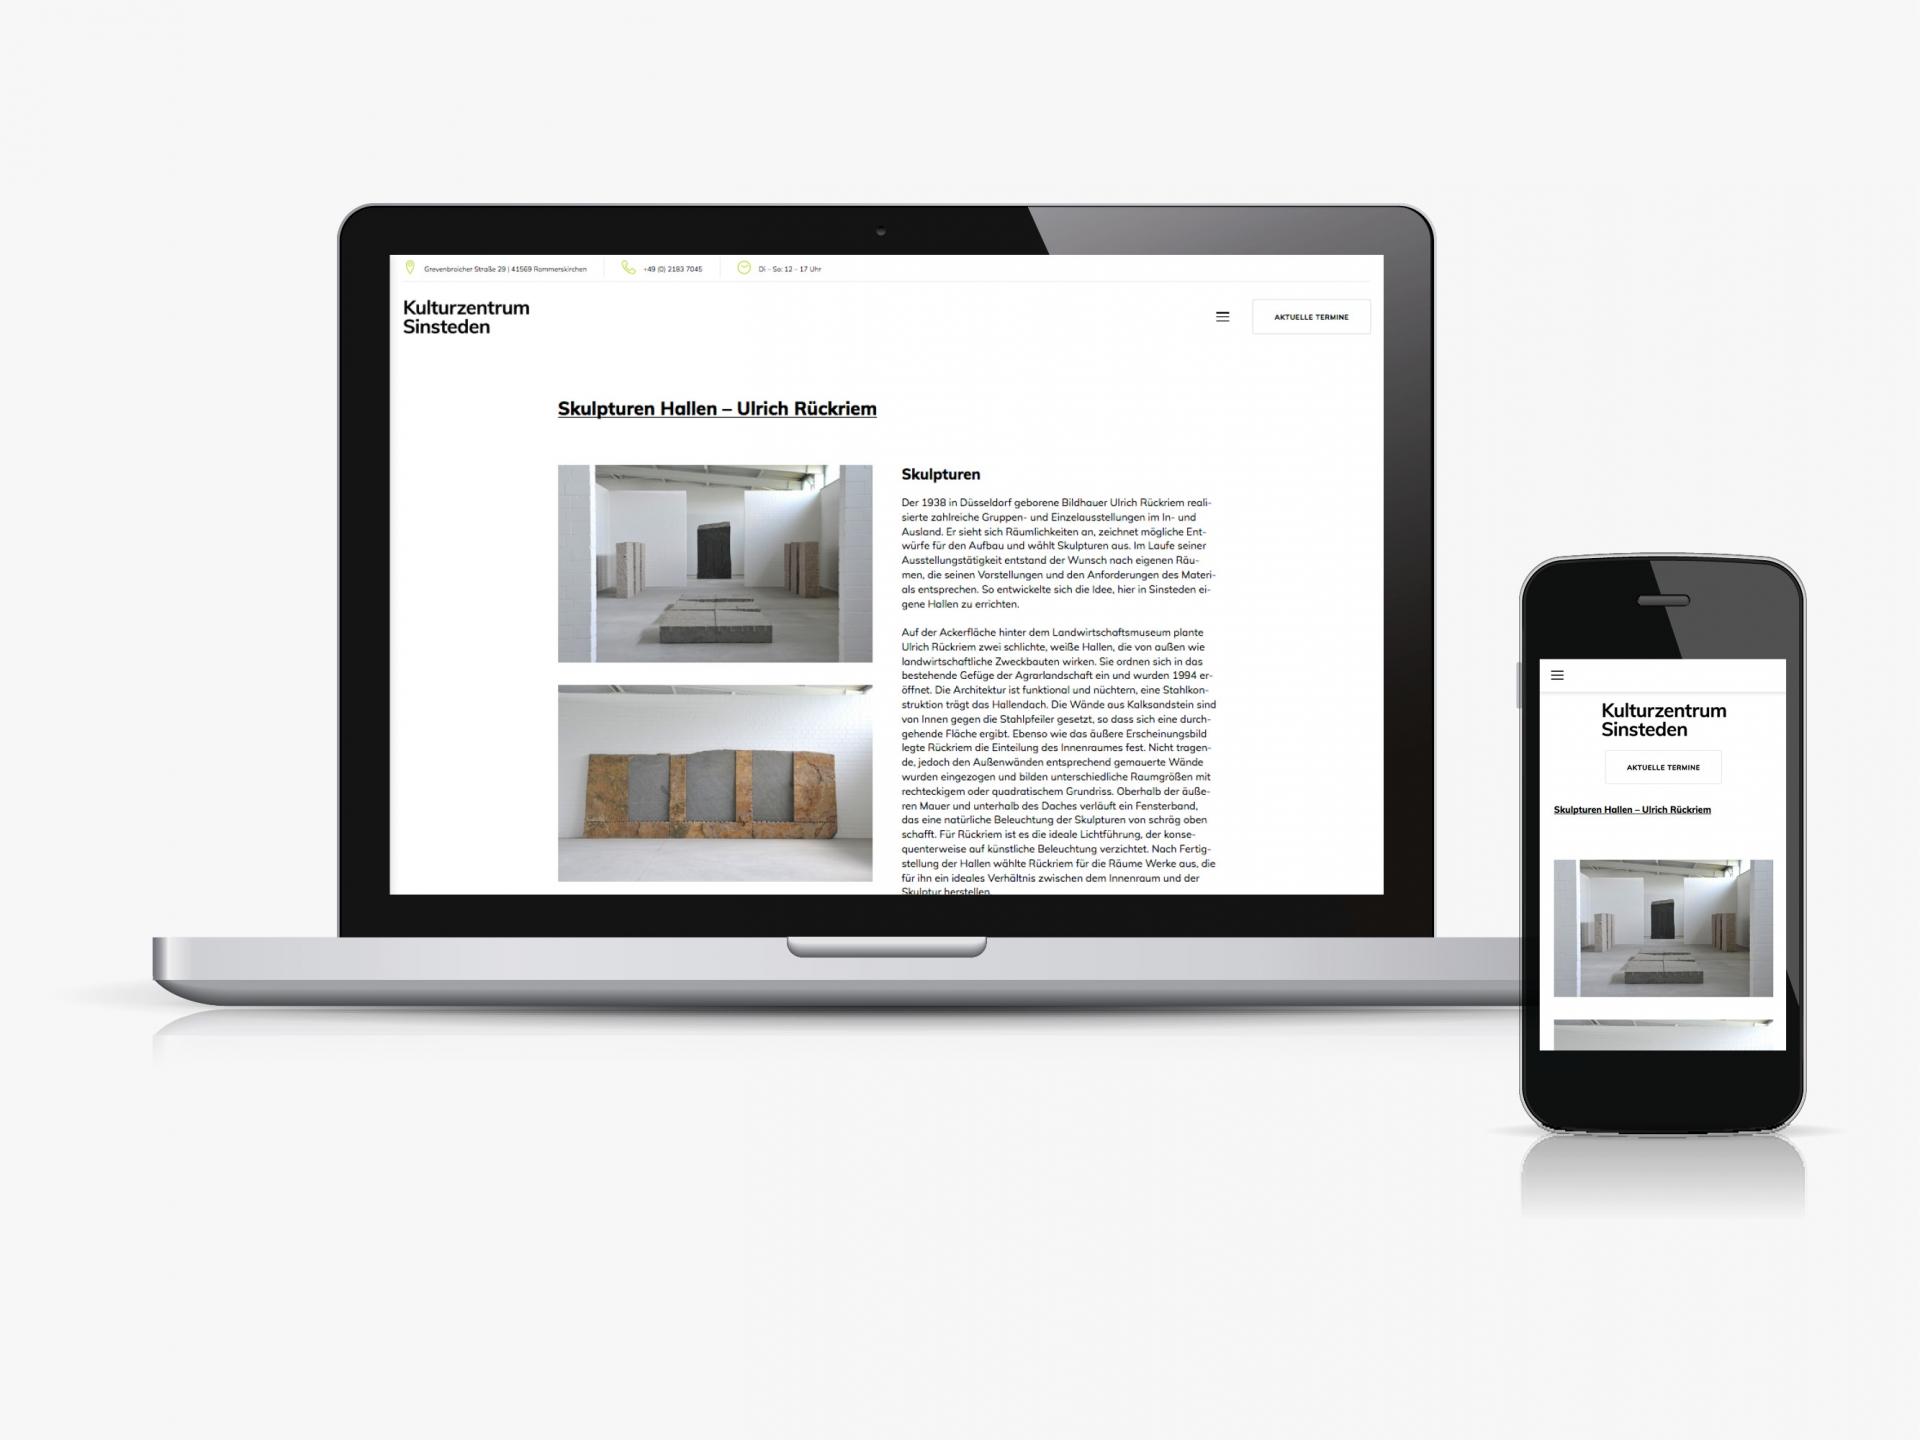 Jens Mittelsdorf Büro für Gestaltung Kulturzentrum Sinsteden → Webdesign, Art Direction